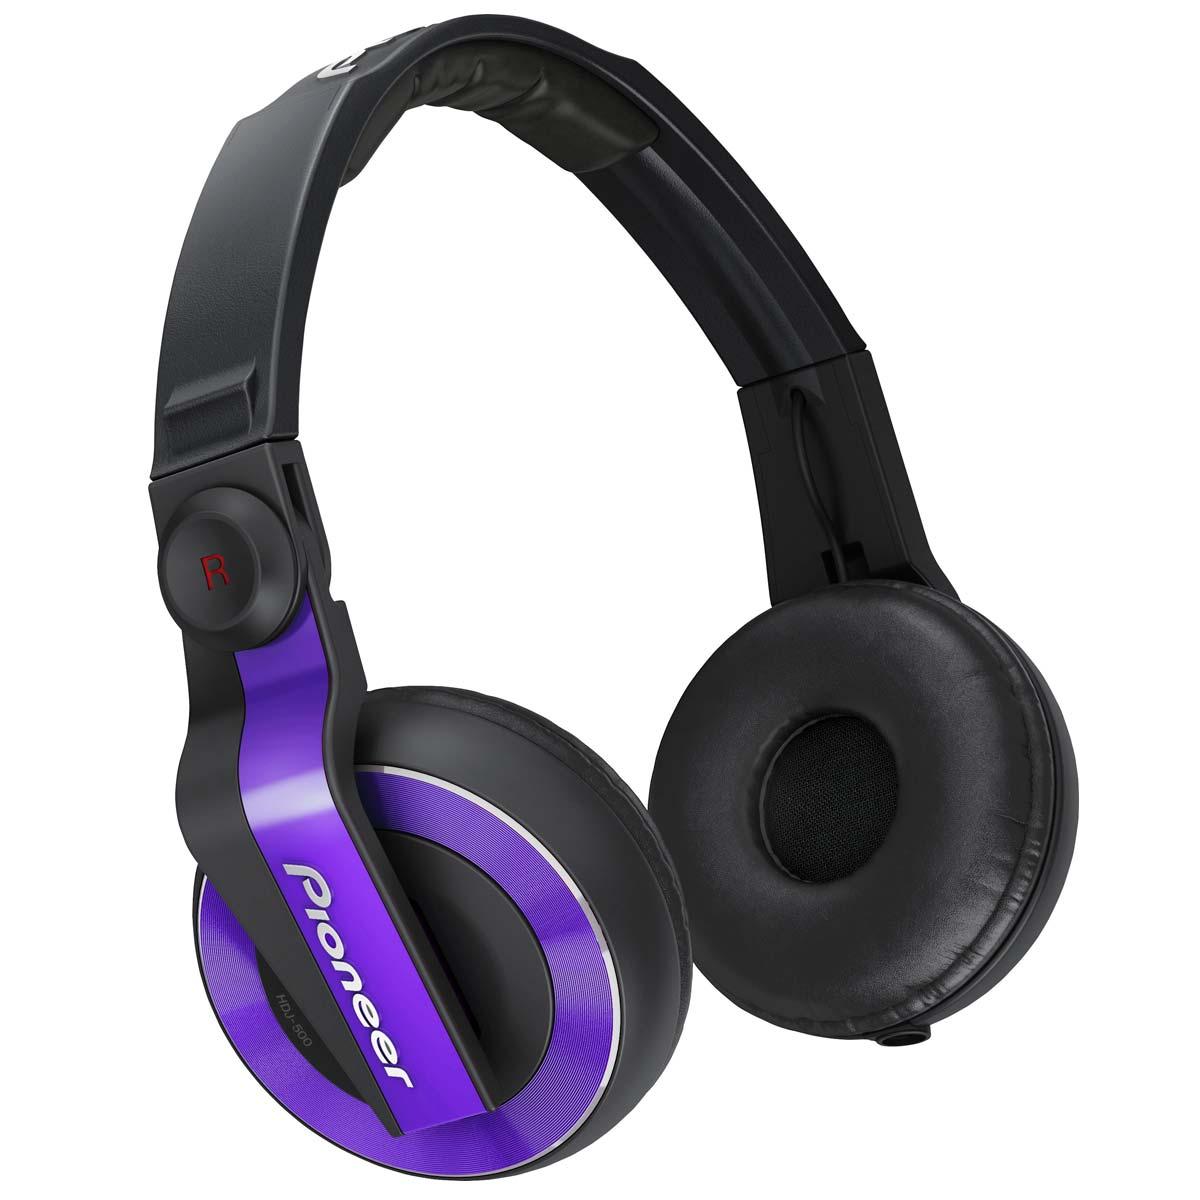 HDJ500 - Fone de Ouvido Over-ear Roxo HDJ 500 - Pioneer